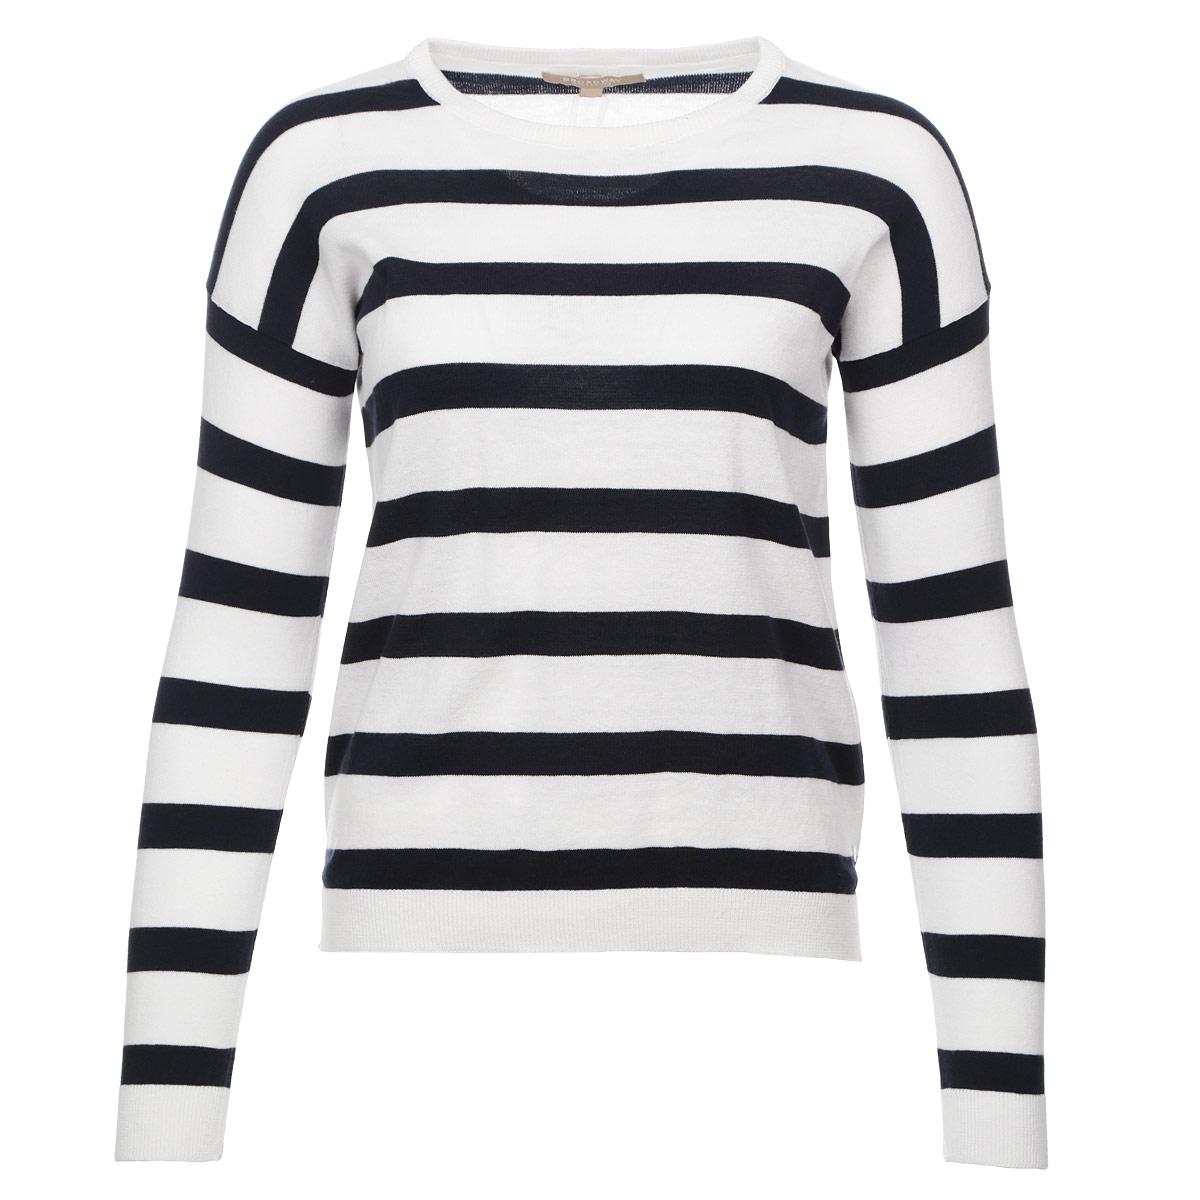 Пуловер женский. 1015260610152606 01BСтильный женский пуловер Broadway, изготовленный из натурального хлопка, не сковывает движения, обеспечивая наибольший комфорт. Модель с круглым вырезом горловины и длинными рукавами оформлена полосатым принтом. Снизу предусмотрены боковые разрезы. Этот модный пуловер послужит отличным дополнением к вашему гардеробу, он станет главной составляющей вашего стиля. В нем вы всегда будете чувствовать себя уютно и комфортно.